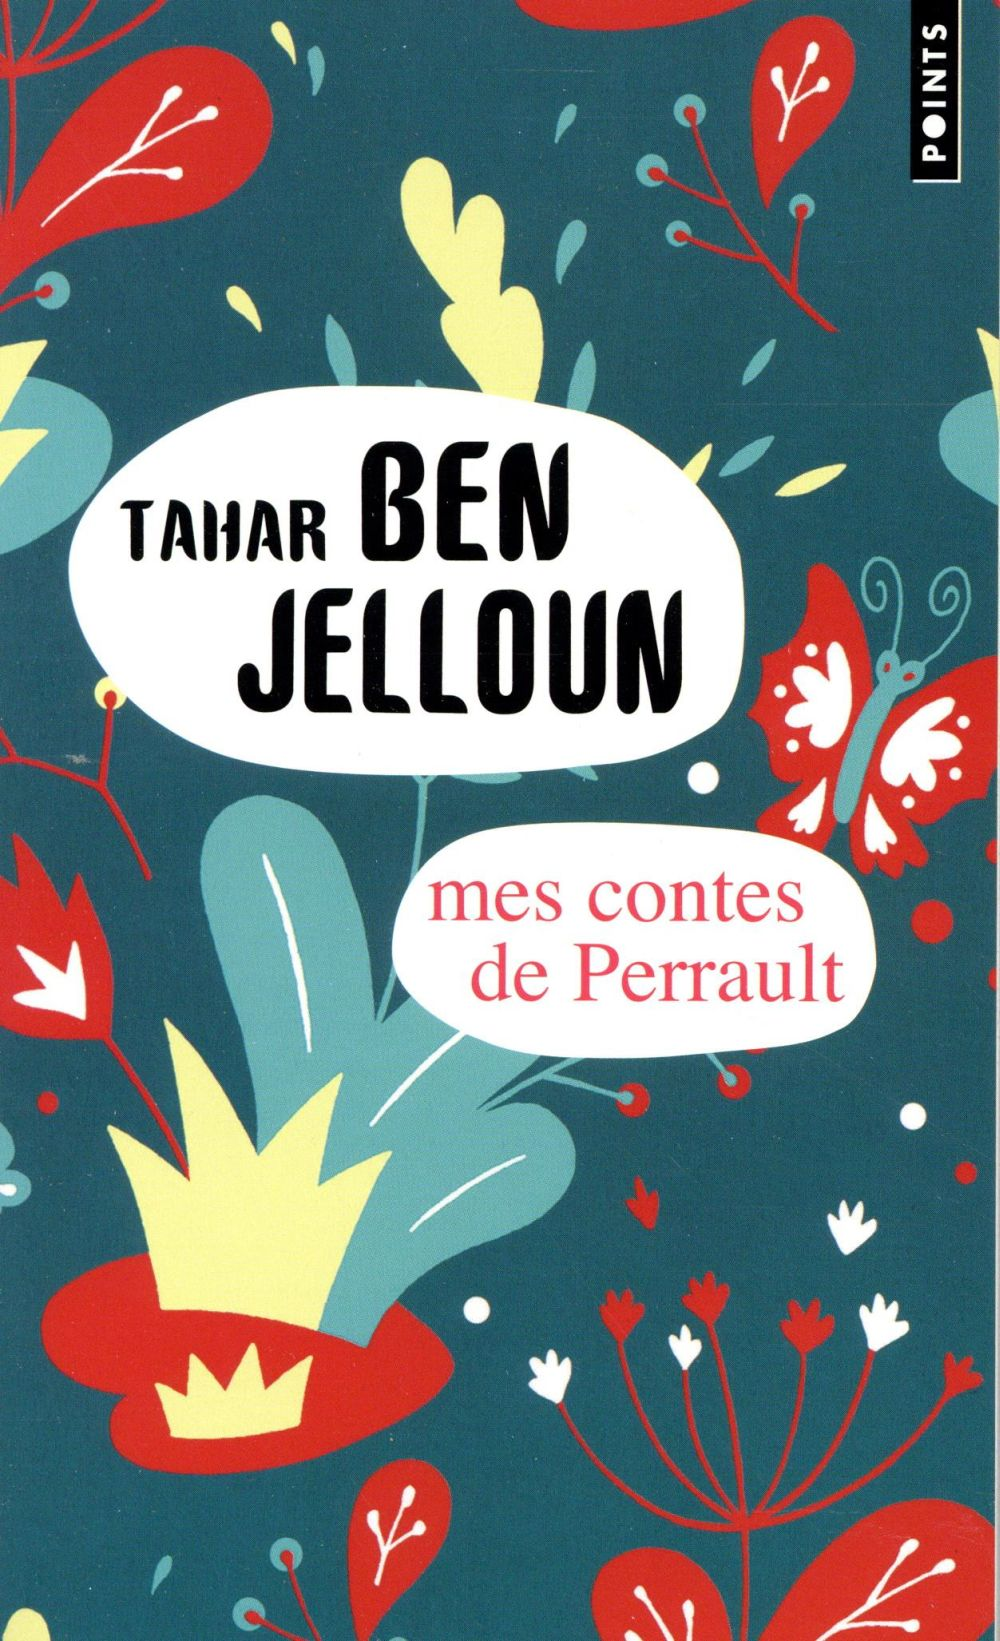 Mes contes de Perrault